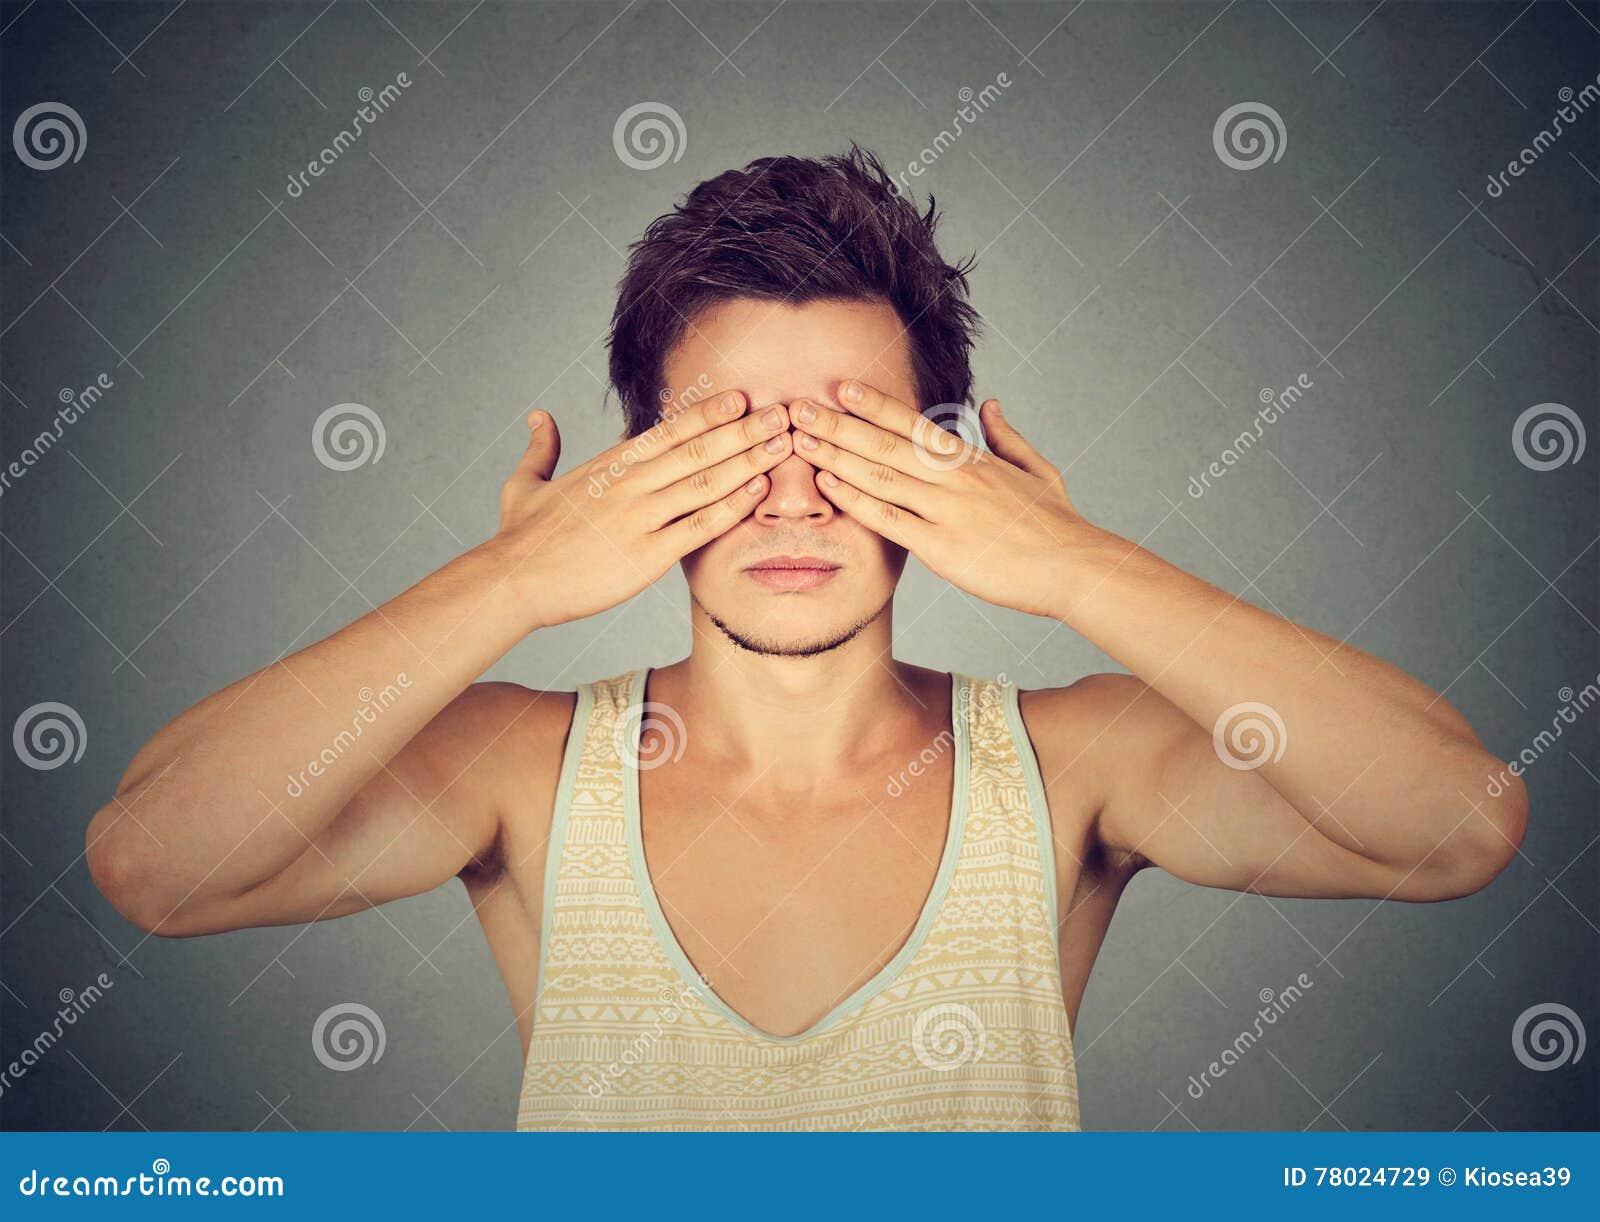 Mannbedeckungsaugen mit Handneigung sehen und verstecken sich